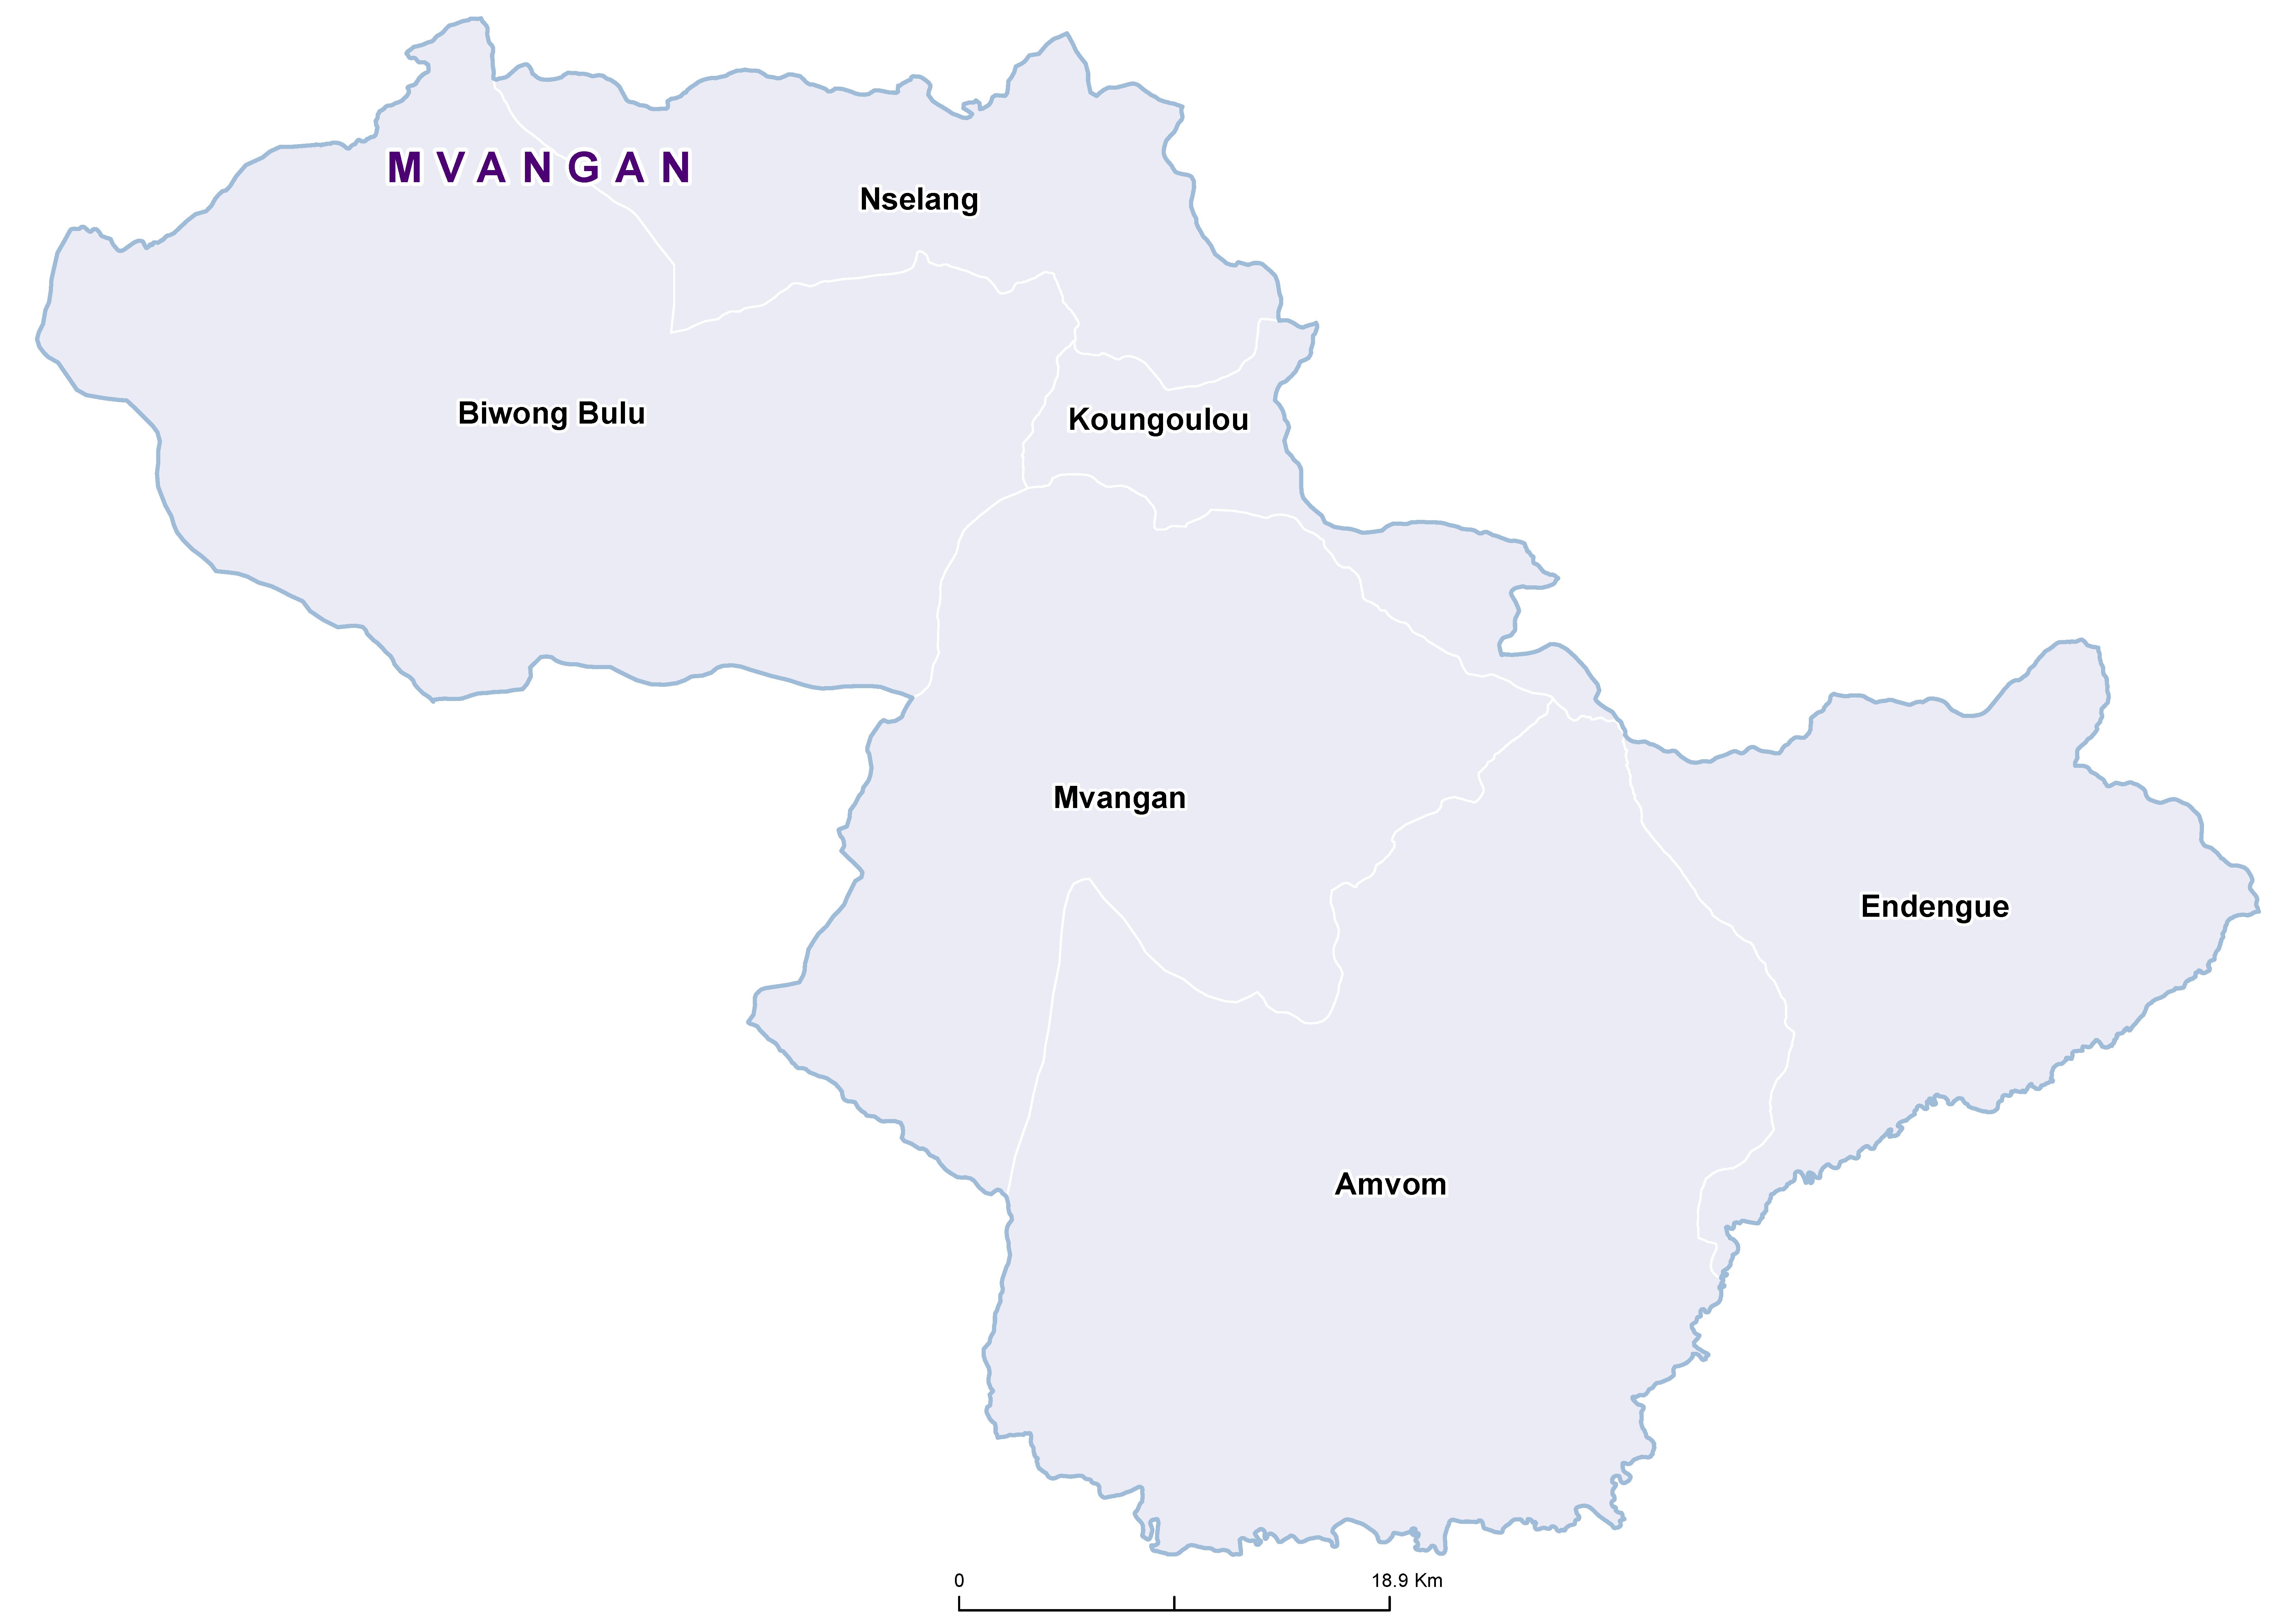 Mvangan SCH 20180001